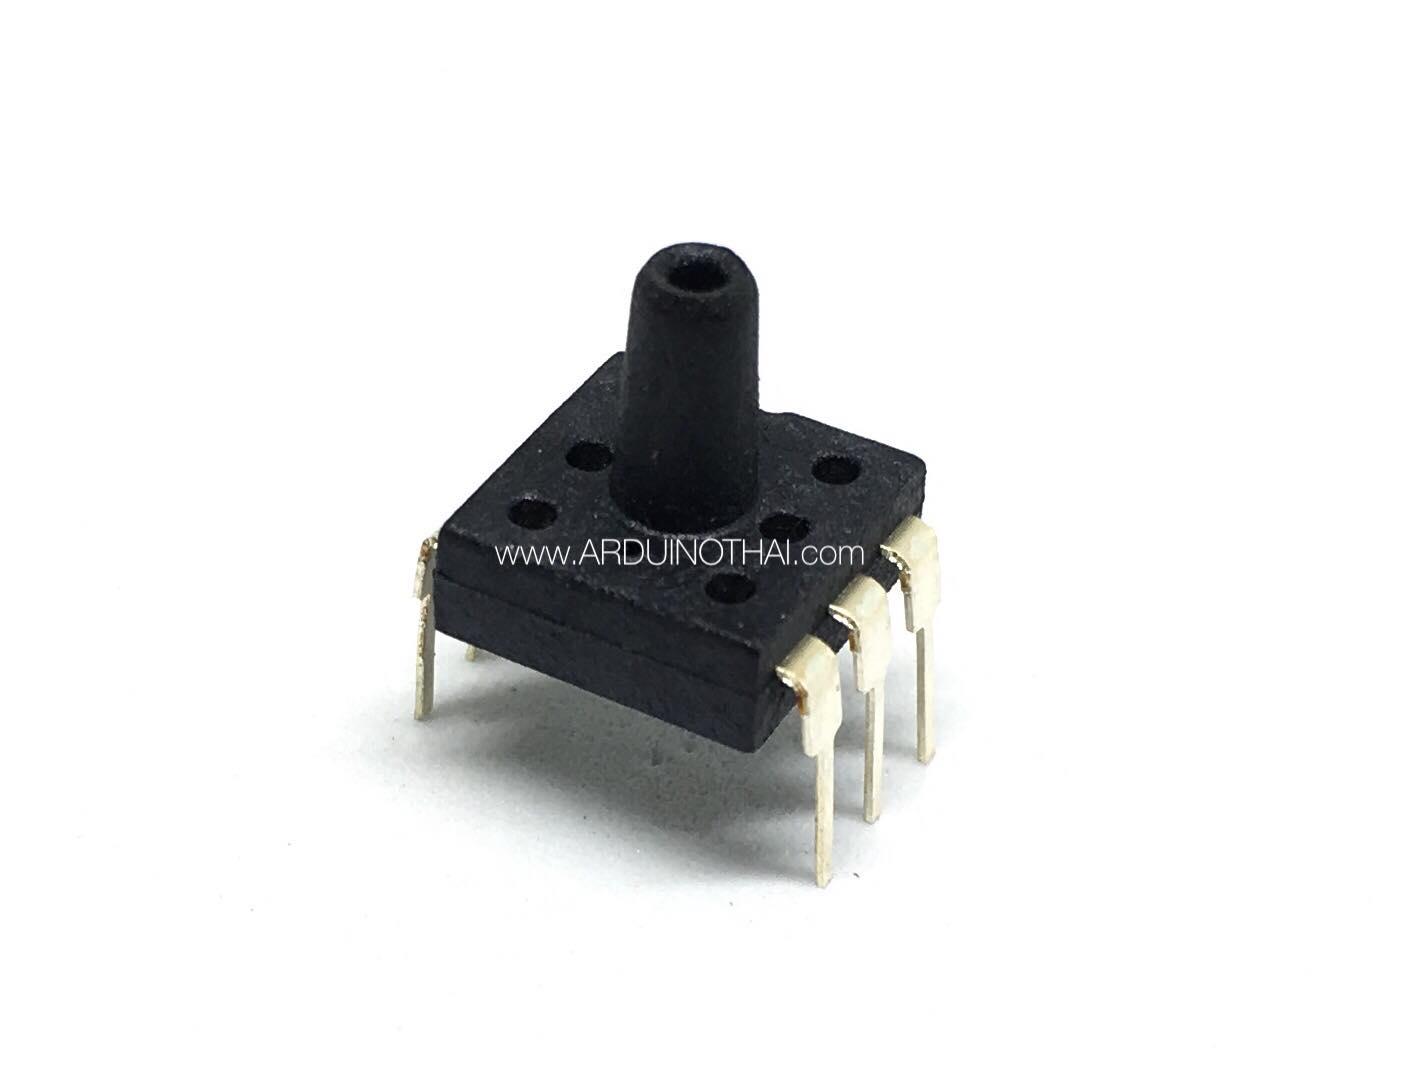 MPS20N0040D Pressure Sensor 0-40kPa DIP-6